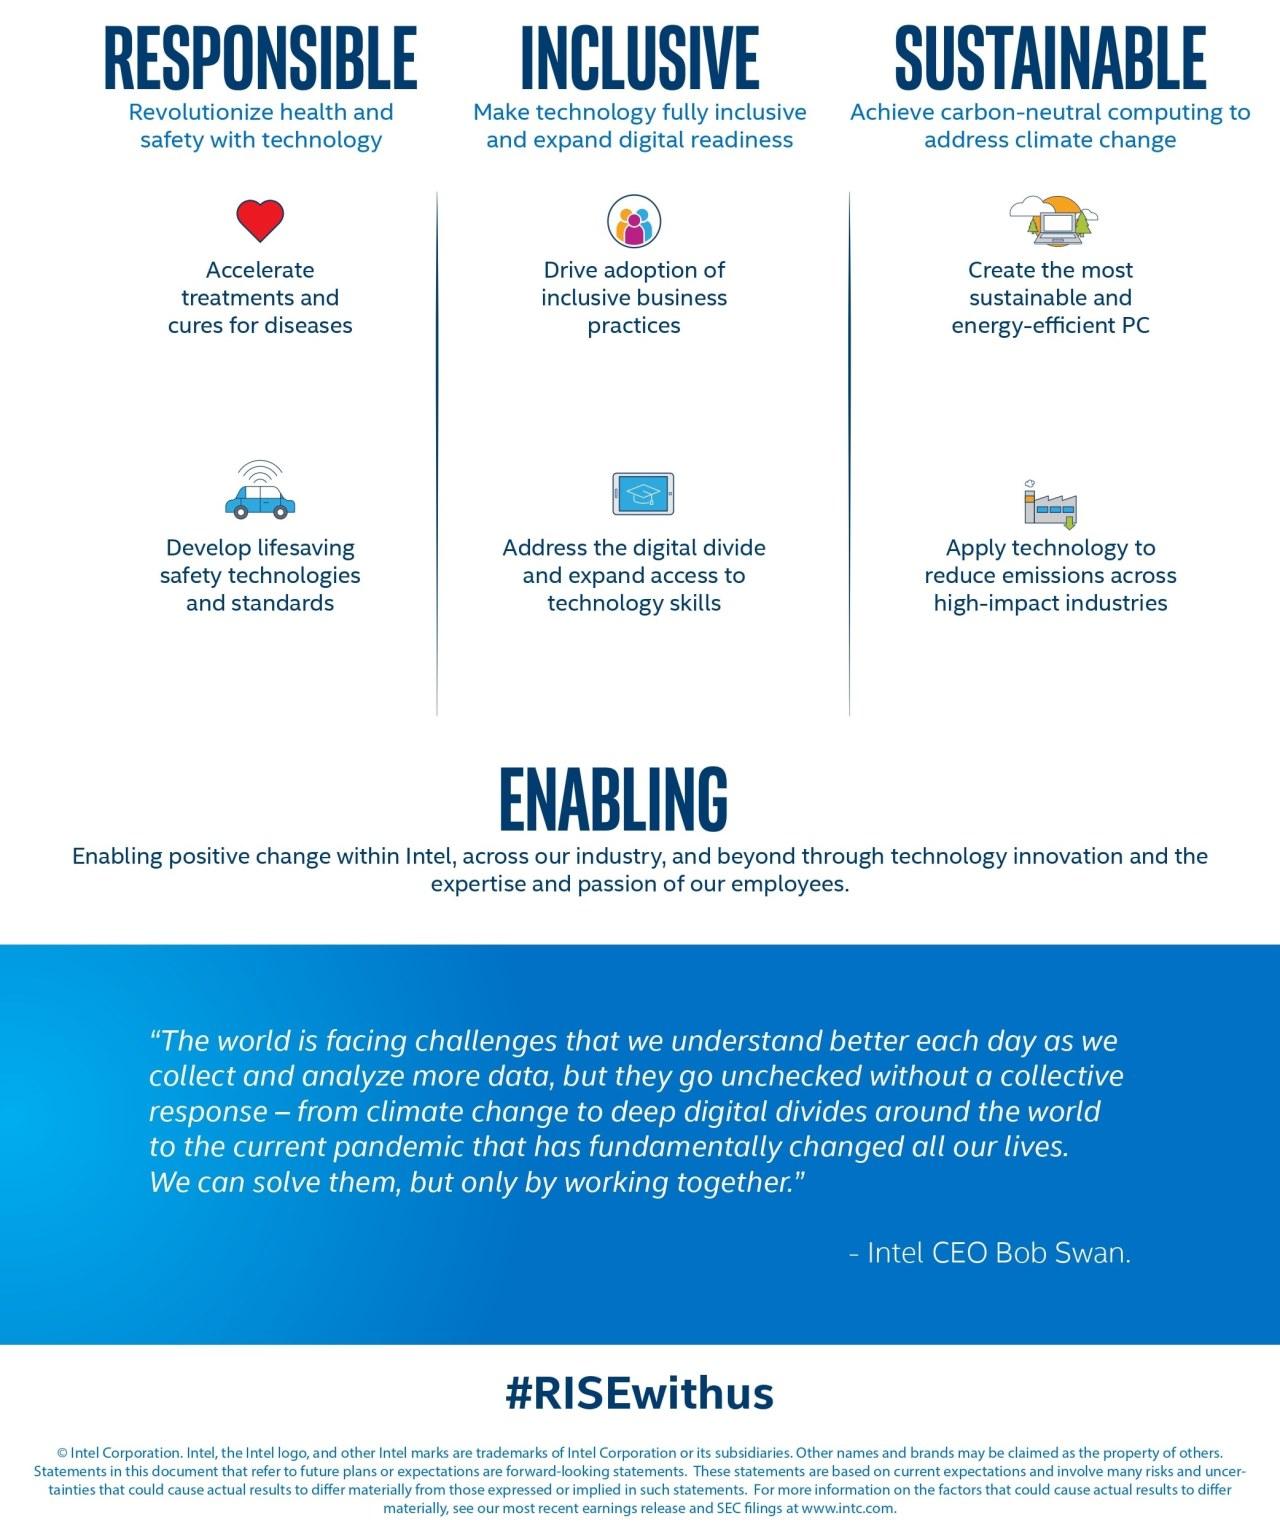 Intel cam kết chia sẻ trách nhiệm với xã hội, sẵn sàng đối phó đại dịch